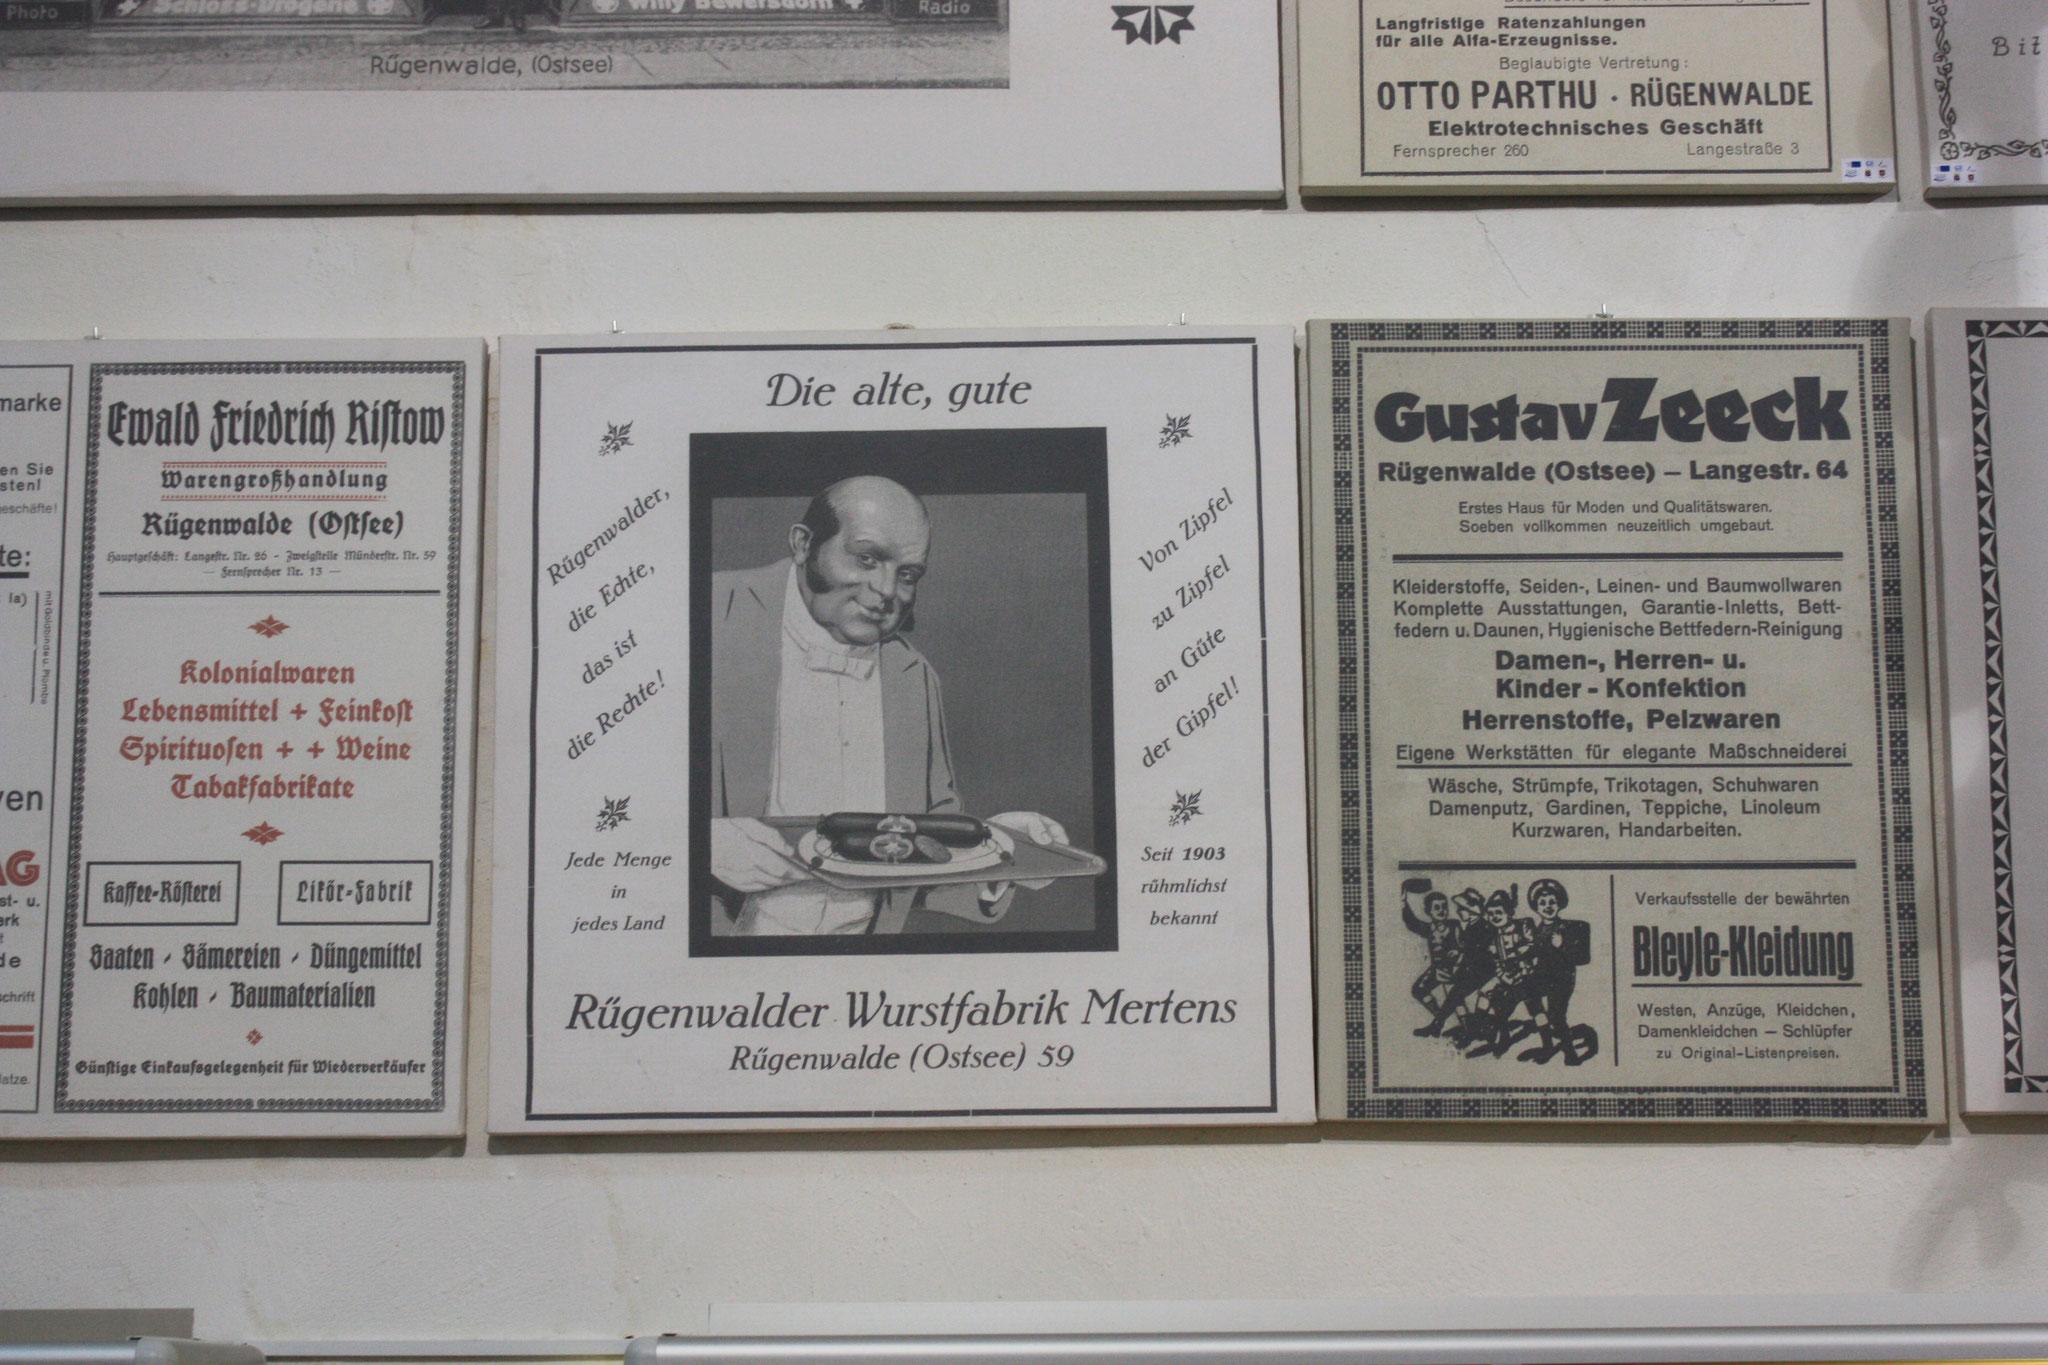 Ursprung der Rügenwalder Wurst